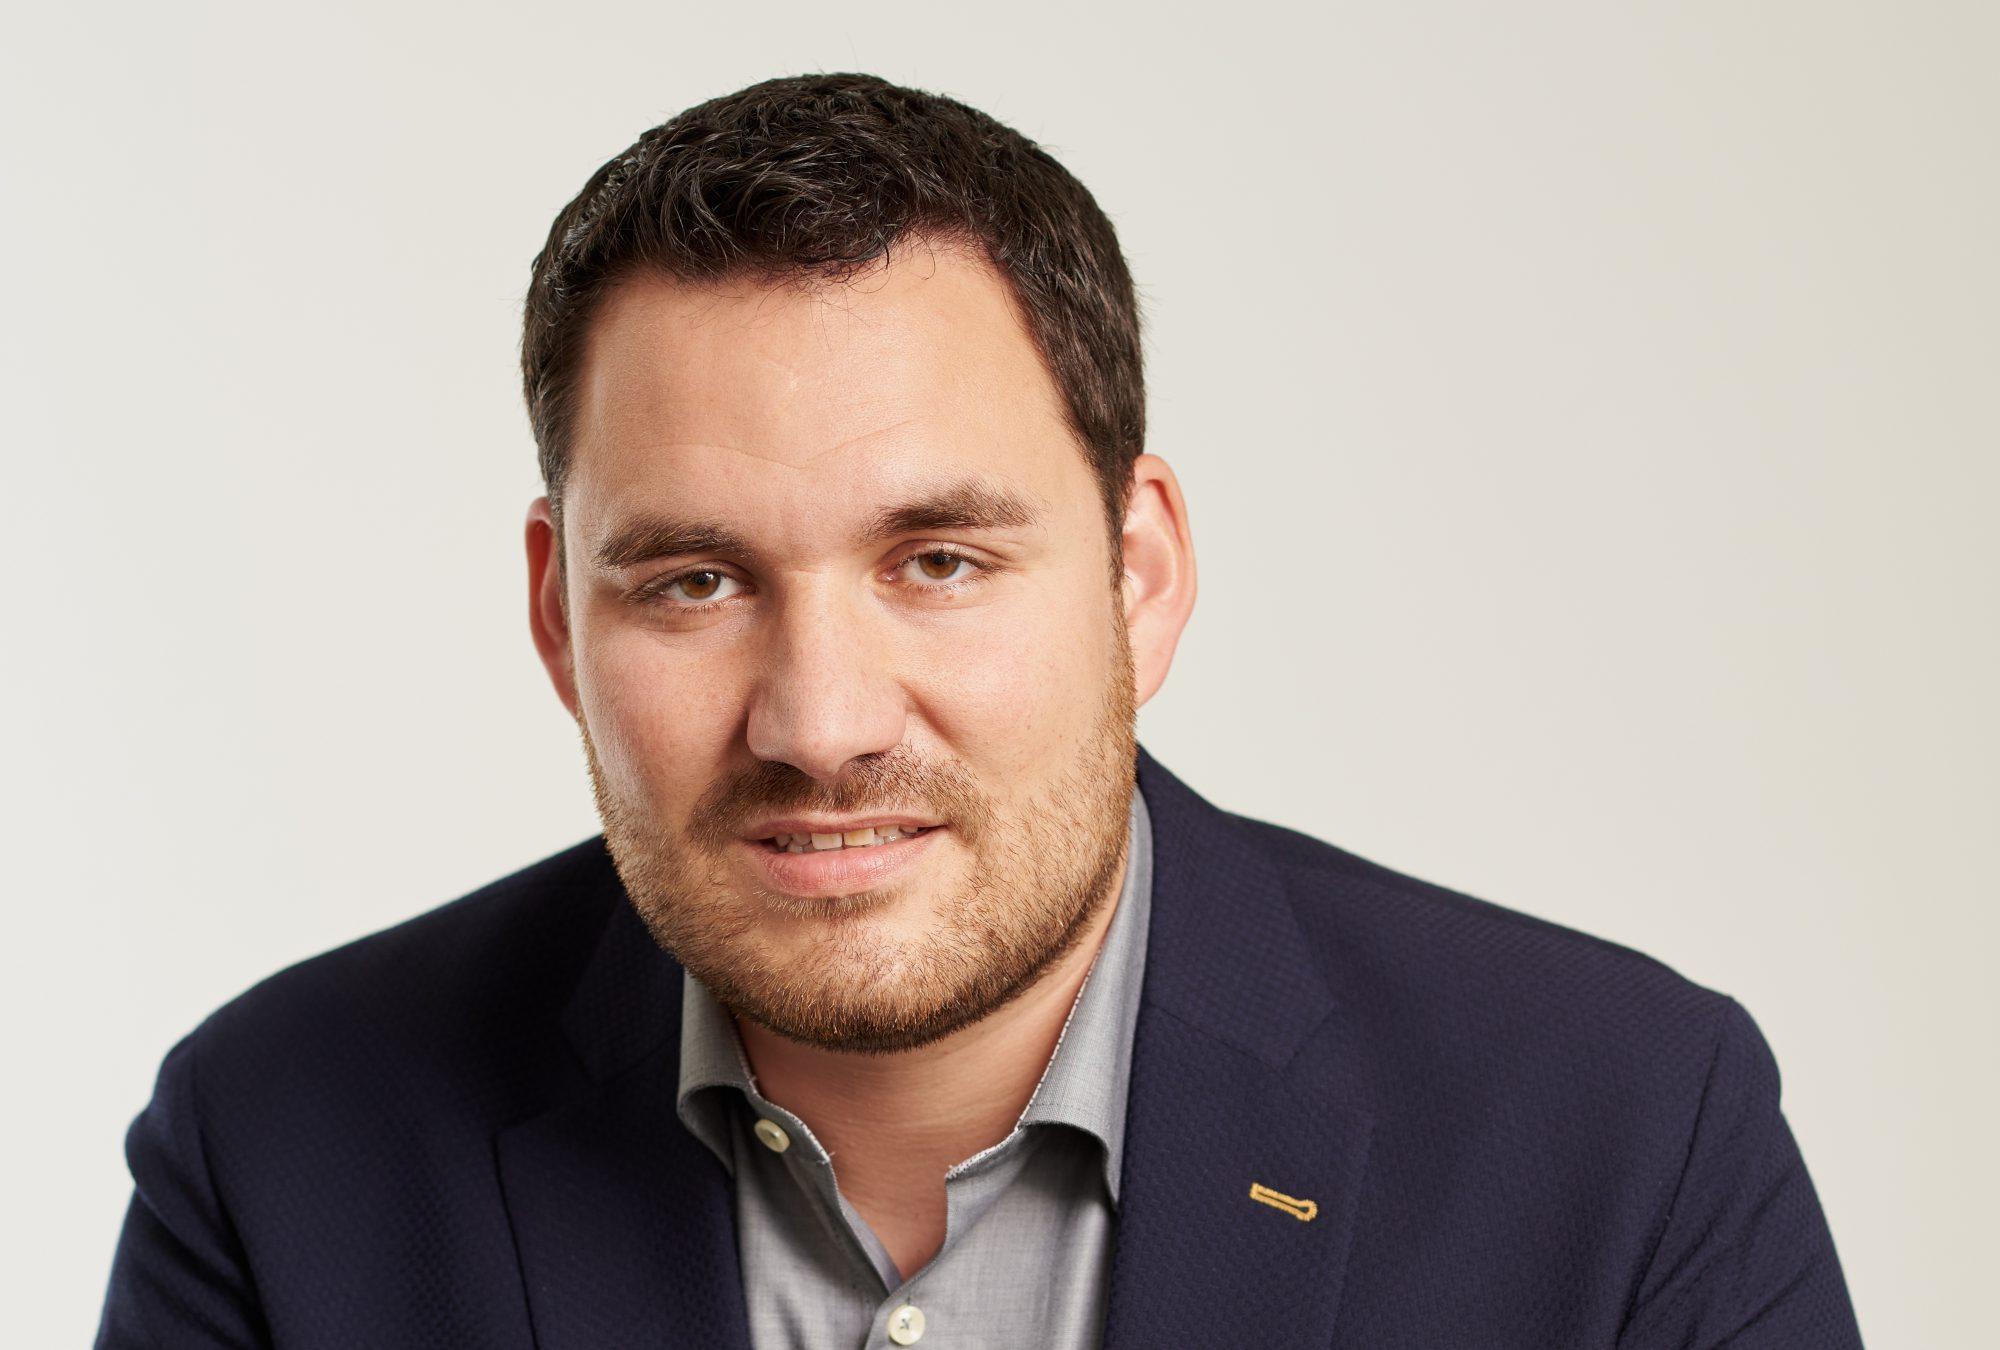 Philipp Nussbaumer